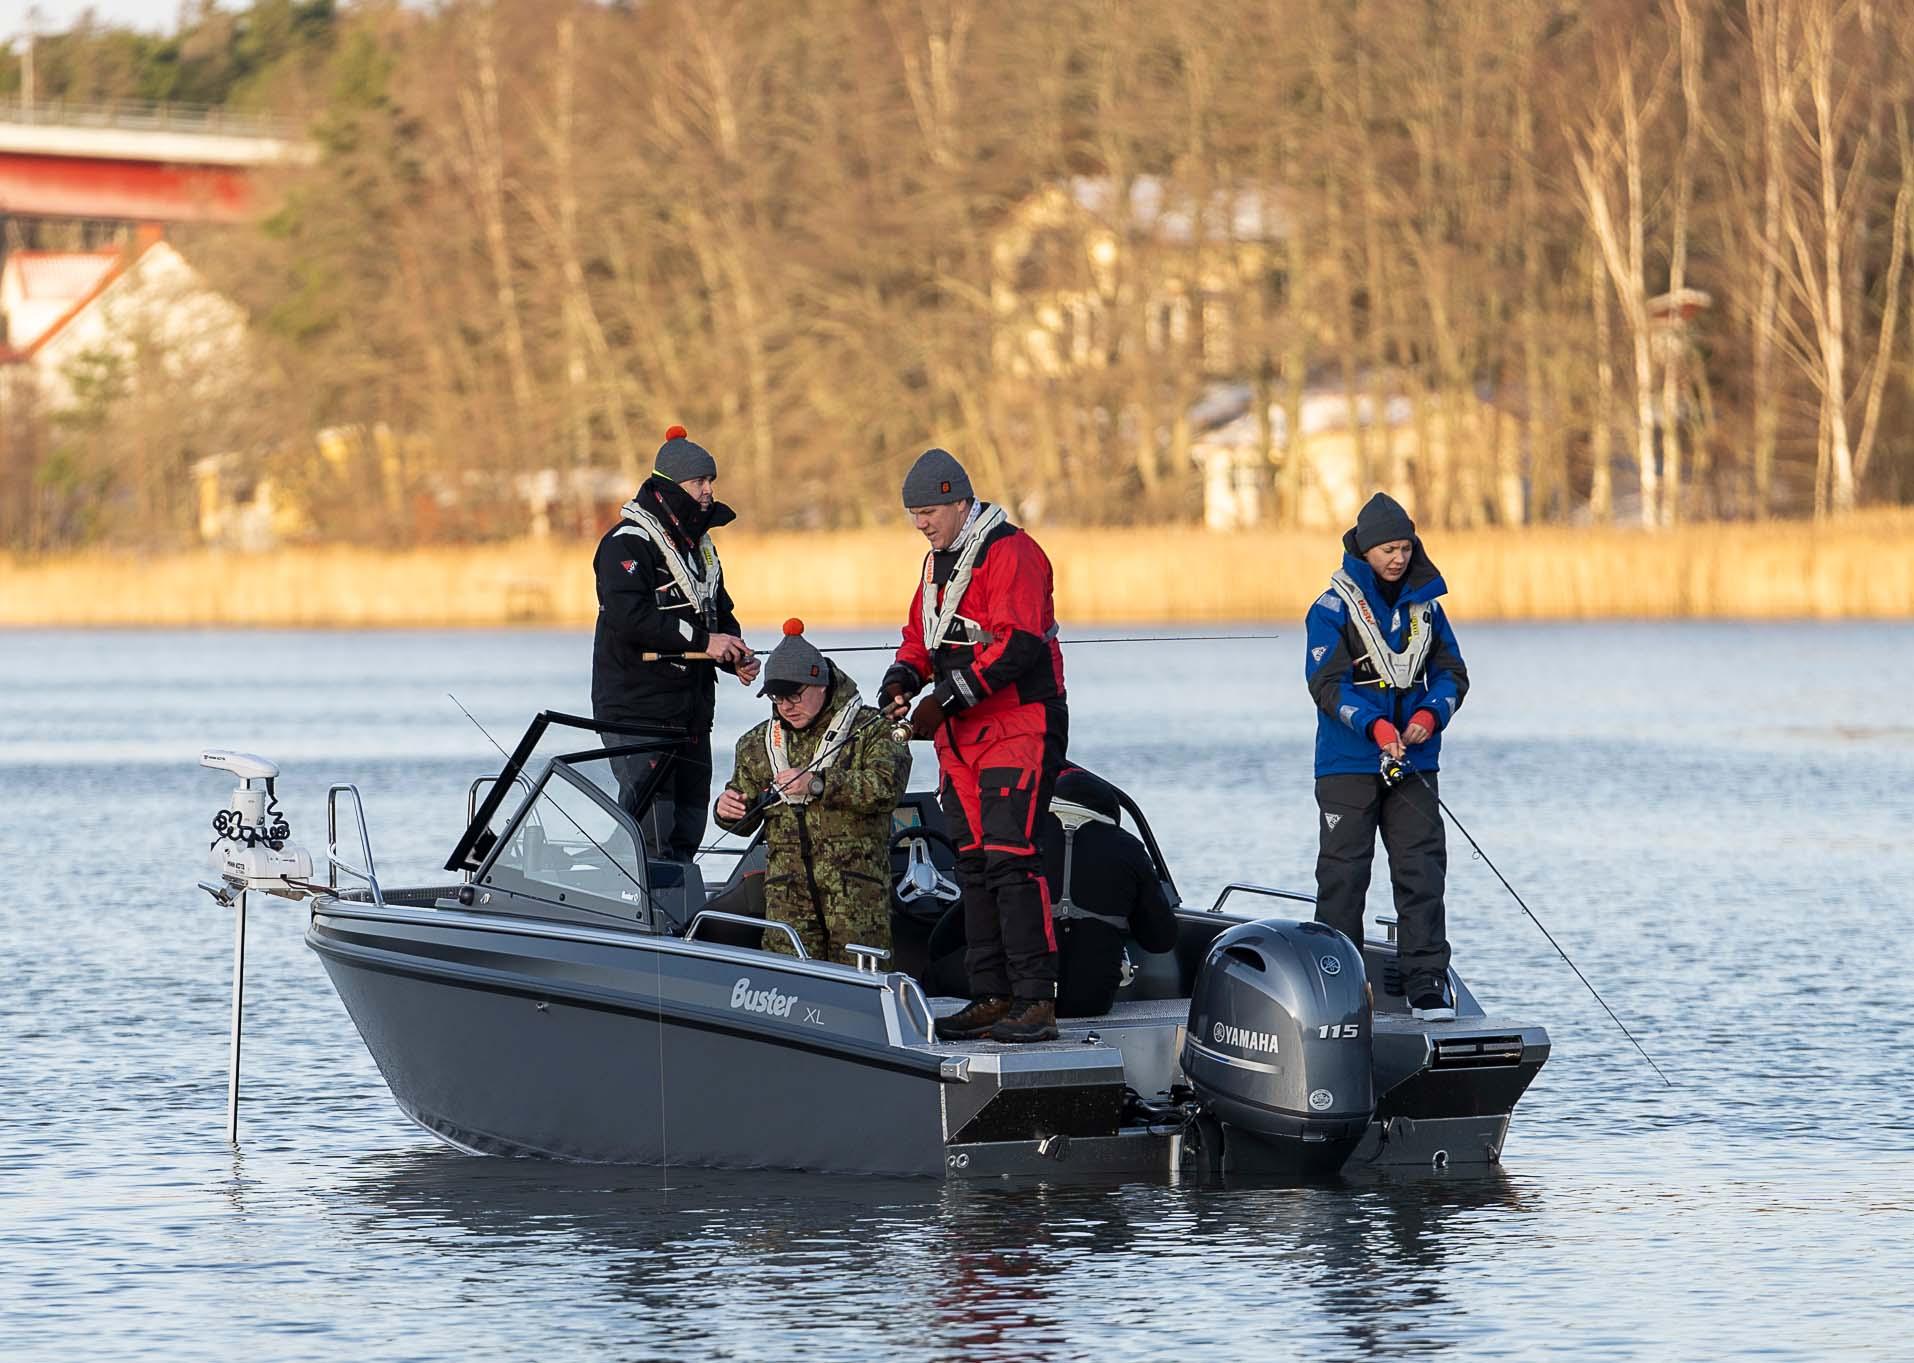 Kalastusvene Buster XXL heittokalastusvarustuksella